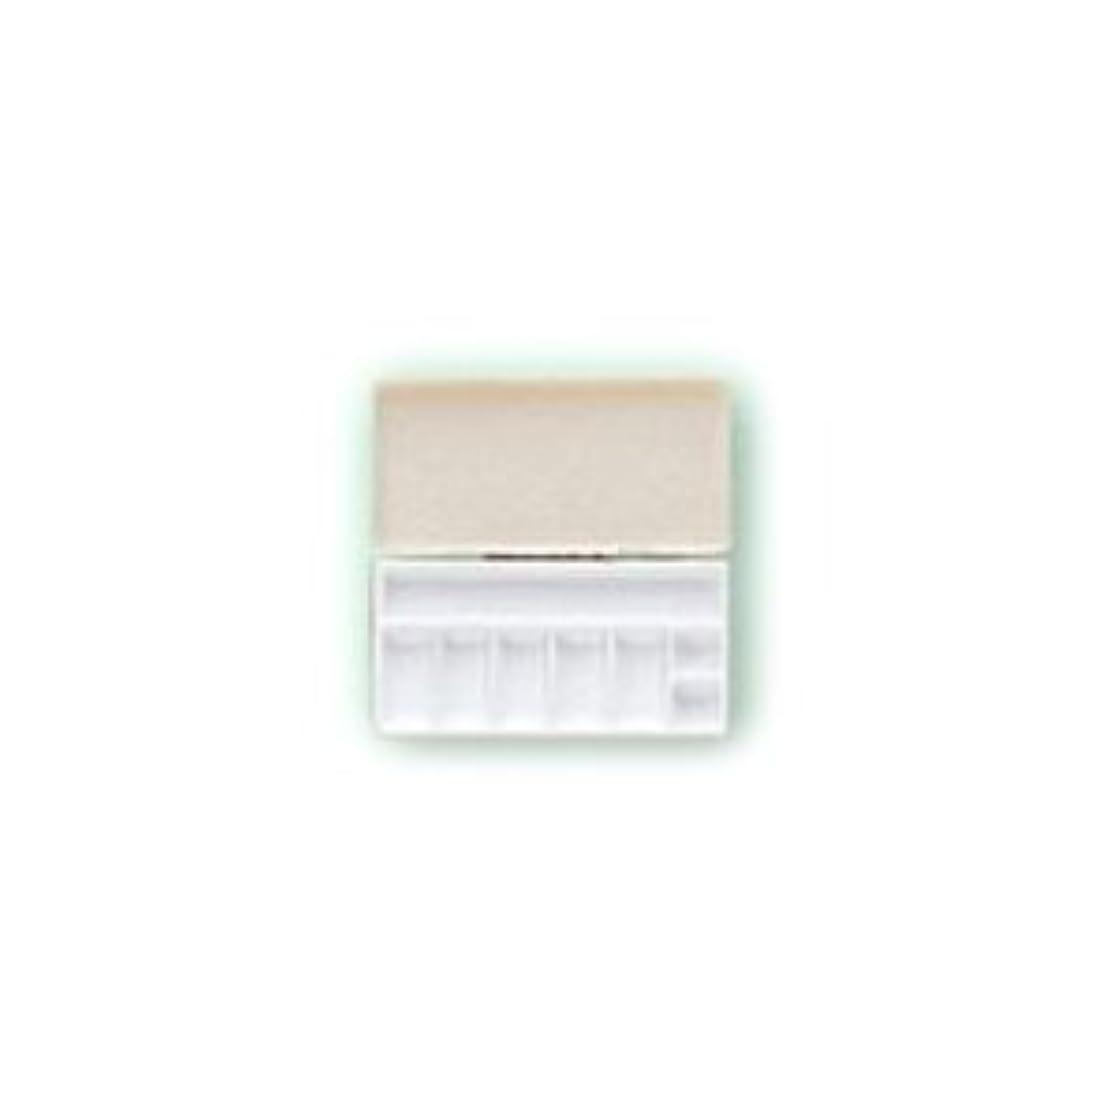 憂鬱な良心的歯科の三善 パレット メイクアップパレット 携帯用パレット 106×53mmサイズ 1 (C)